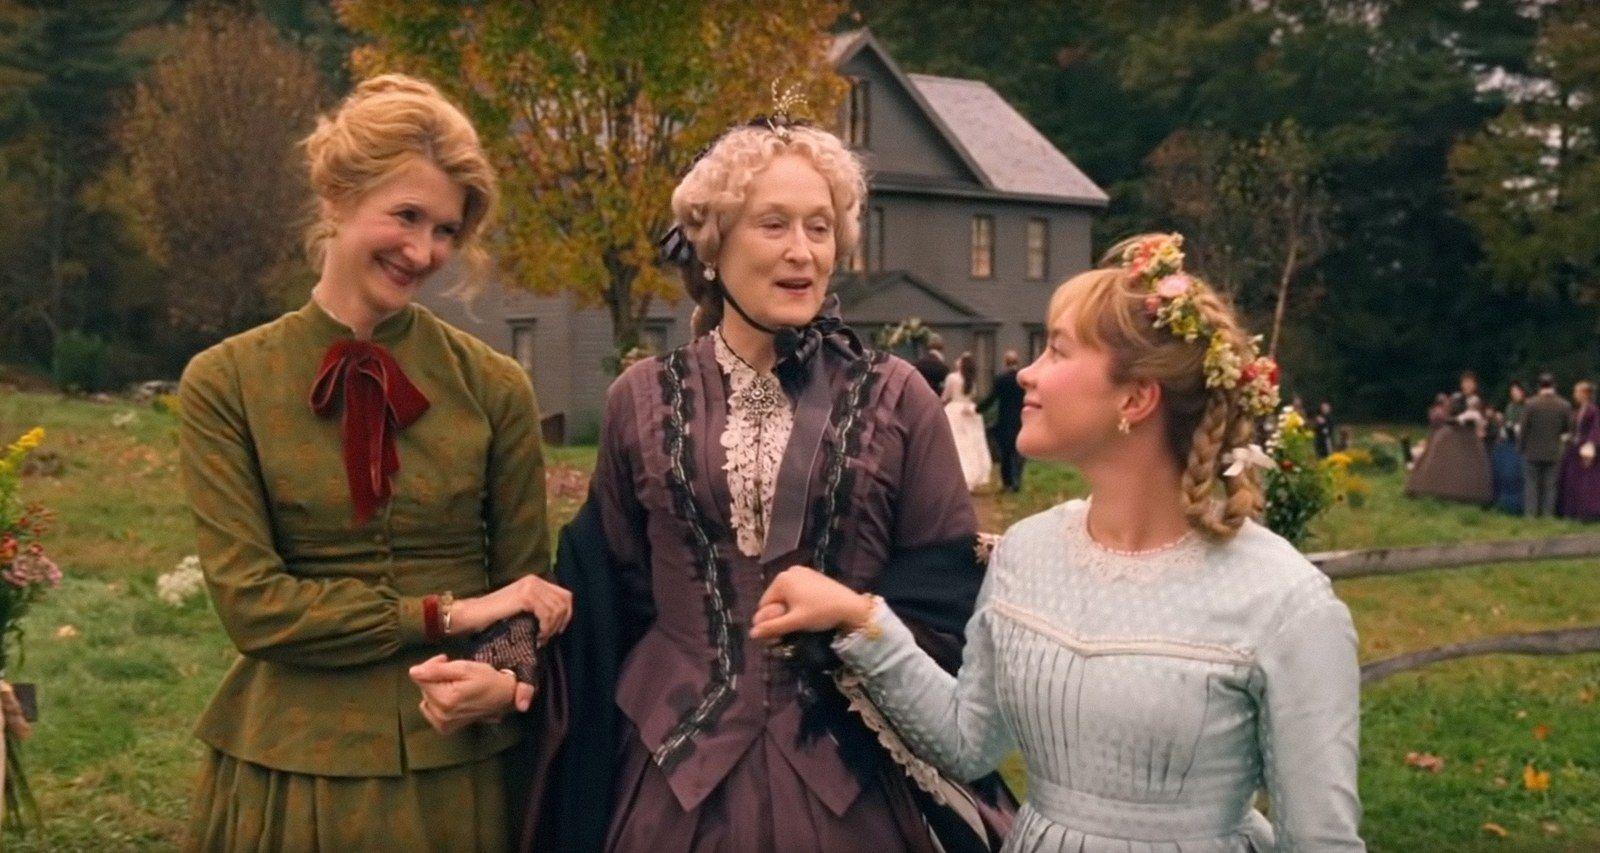 Recenzia: Malé ženy ťa ohúria vo veľkom filme. Dráma o dospievaní a nástrahách života pre 4 mladé ženy bude jedným z filmov roka